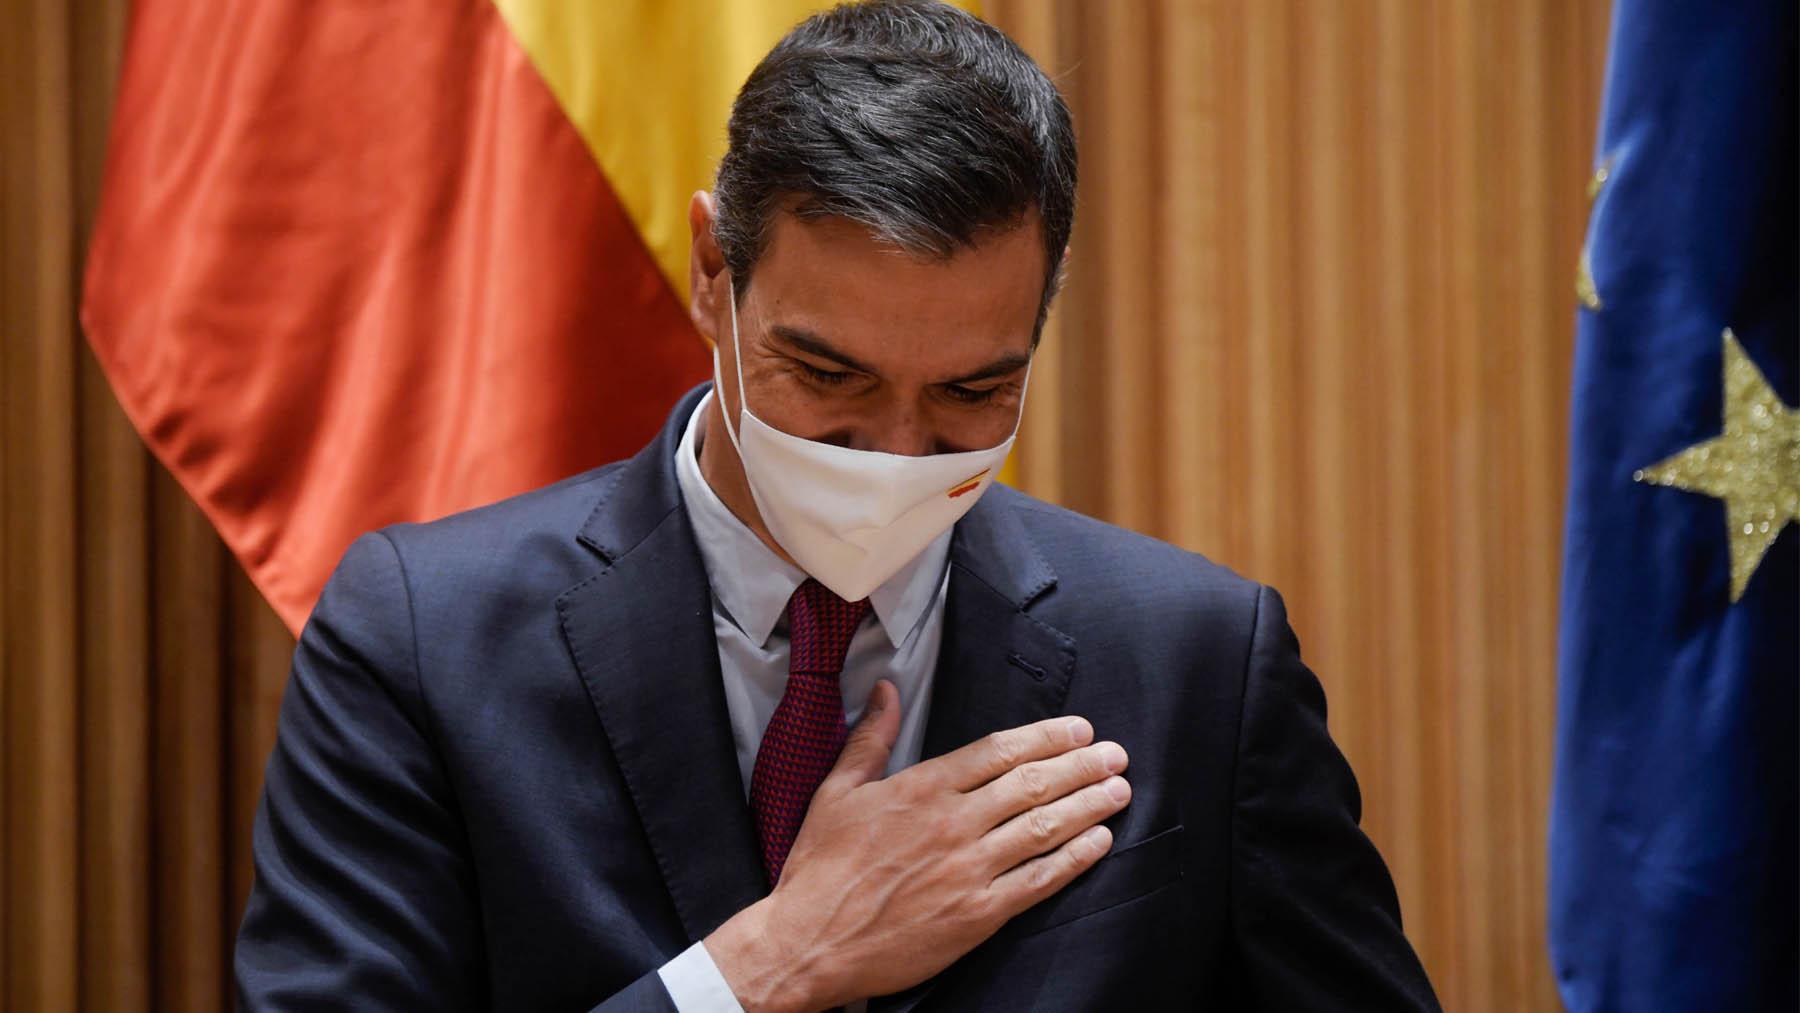 El presidente del Gobierno, Pedro Sánchez, en el Congreso. (Foto: EP)